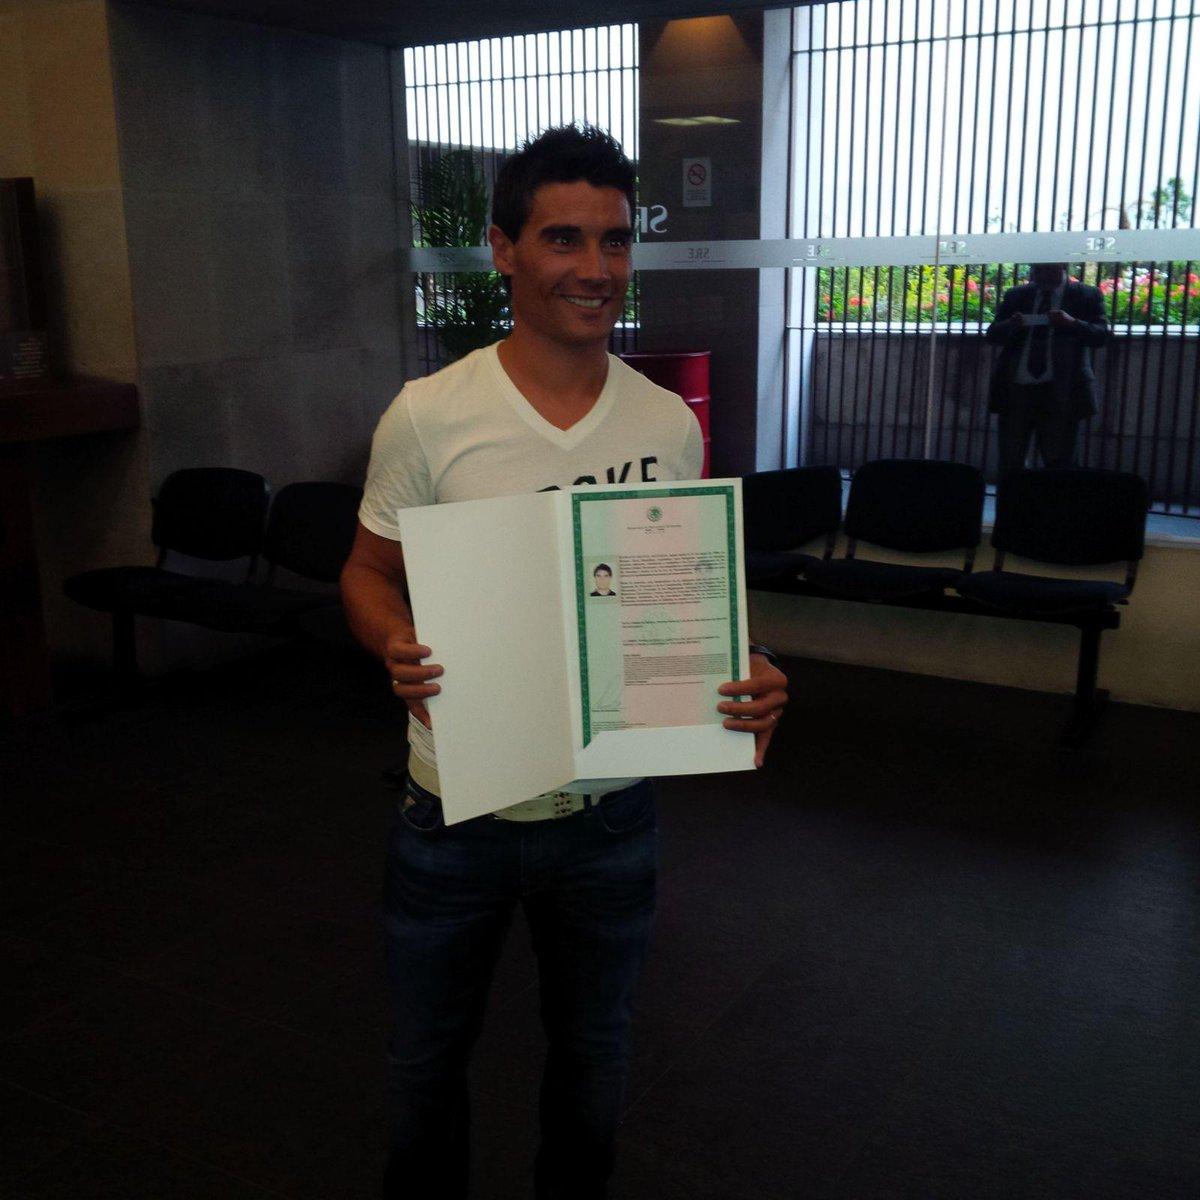 Nuestro @chavoalustiza ya es Mexicano!!! Somos muchos... más que 11!!! http://t.co/VMcub2Trmh